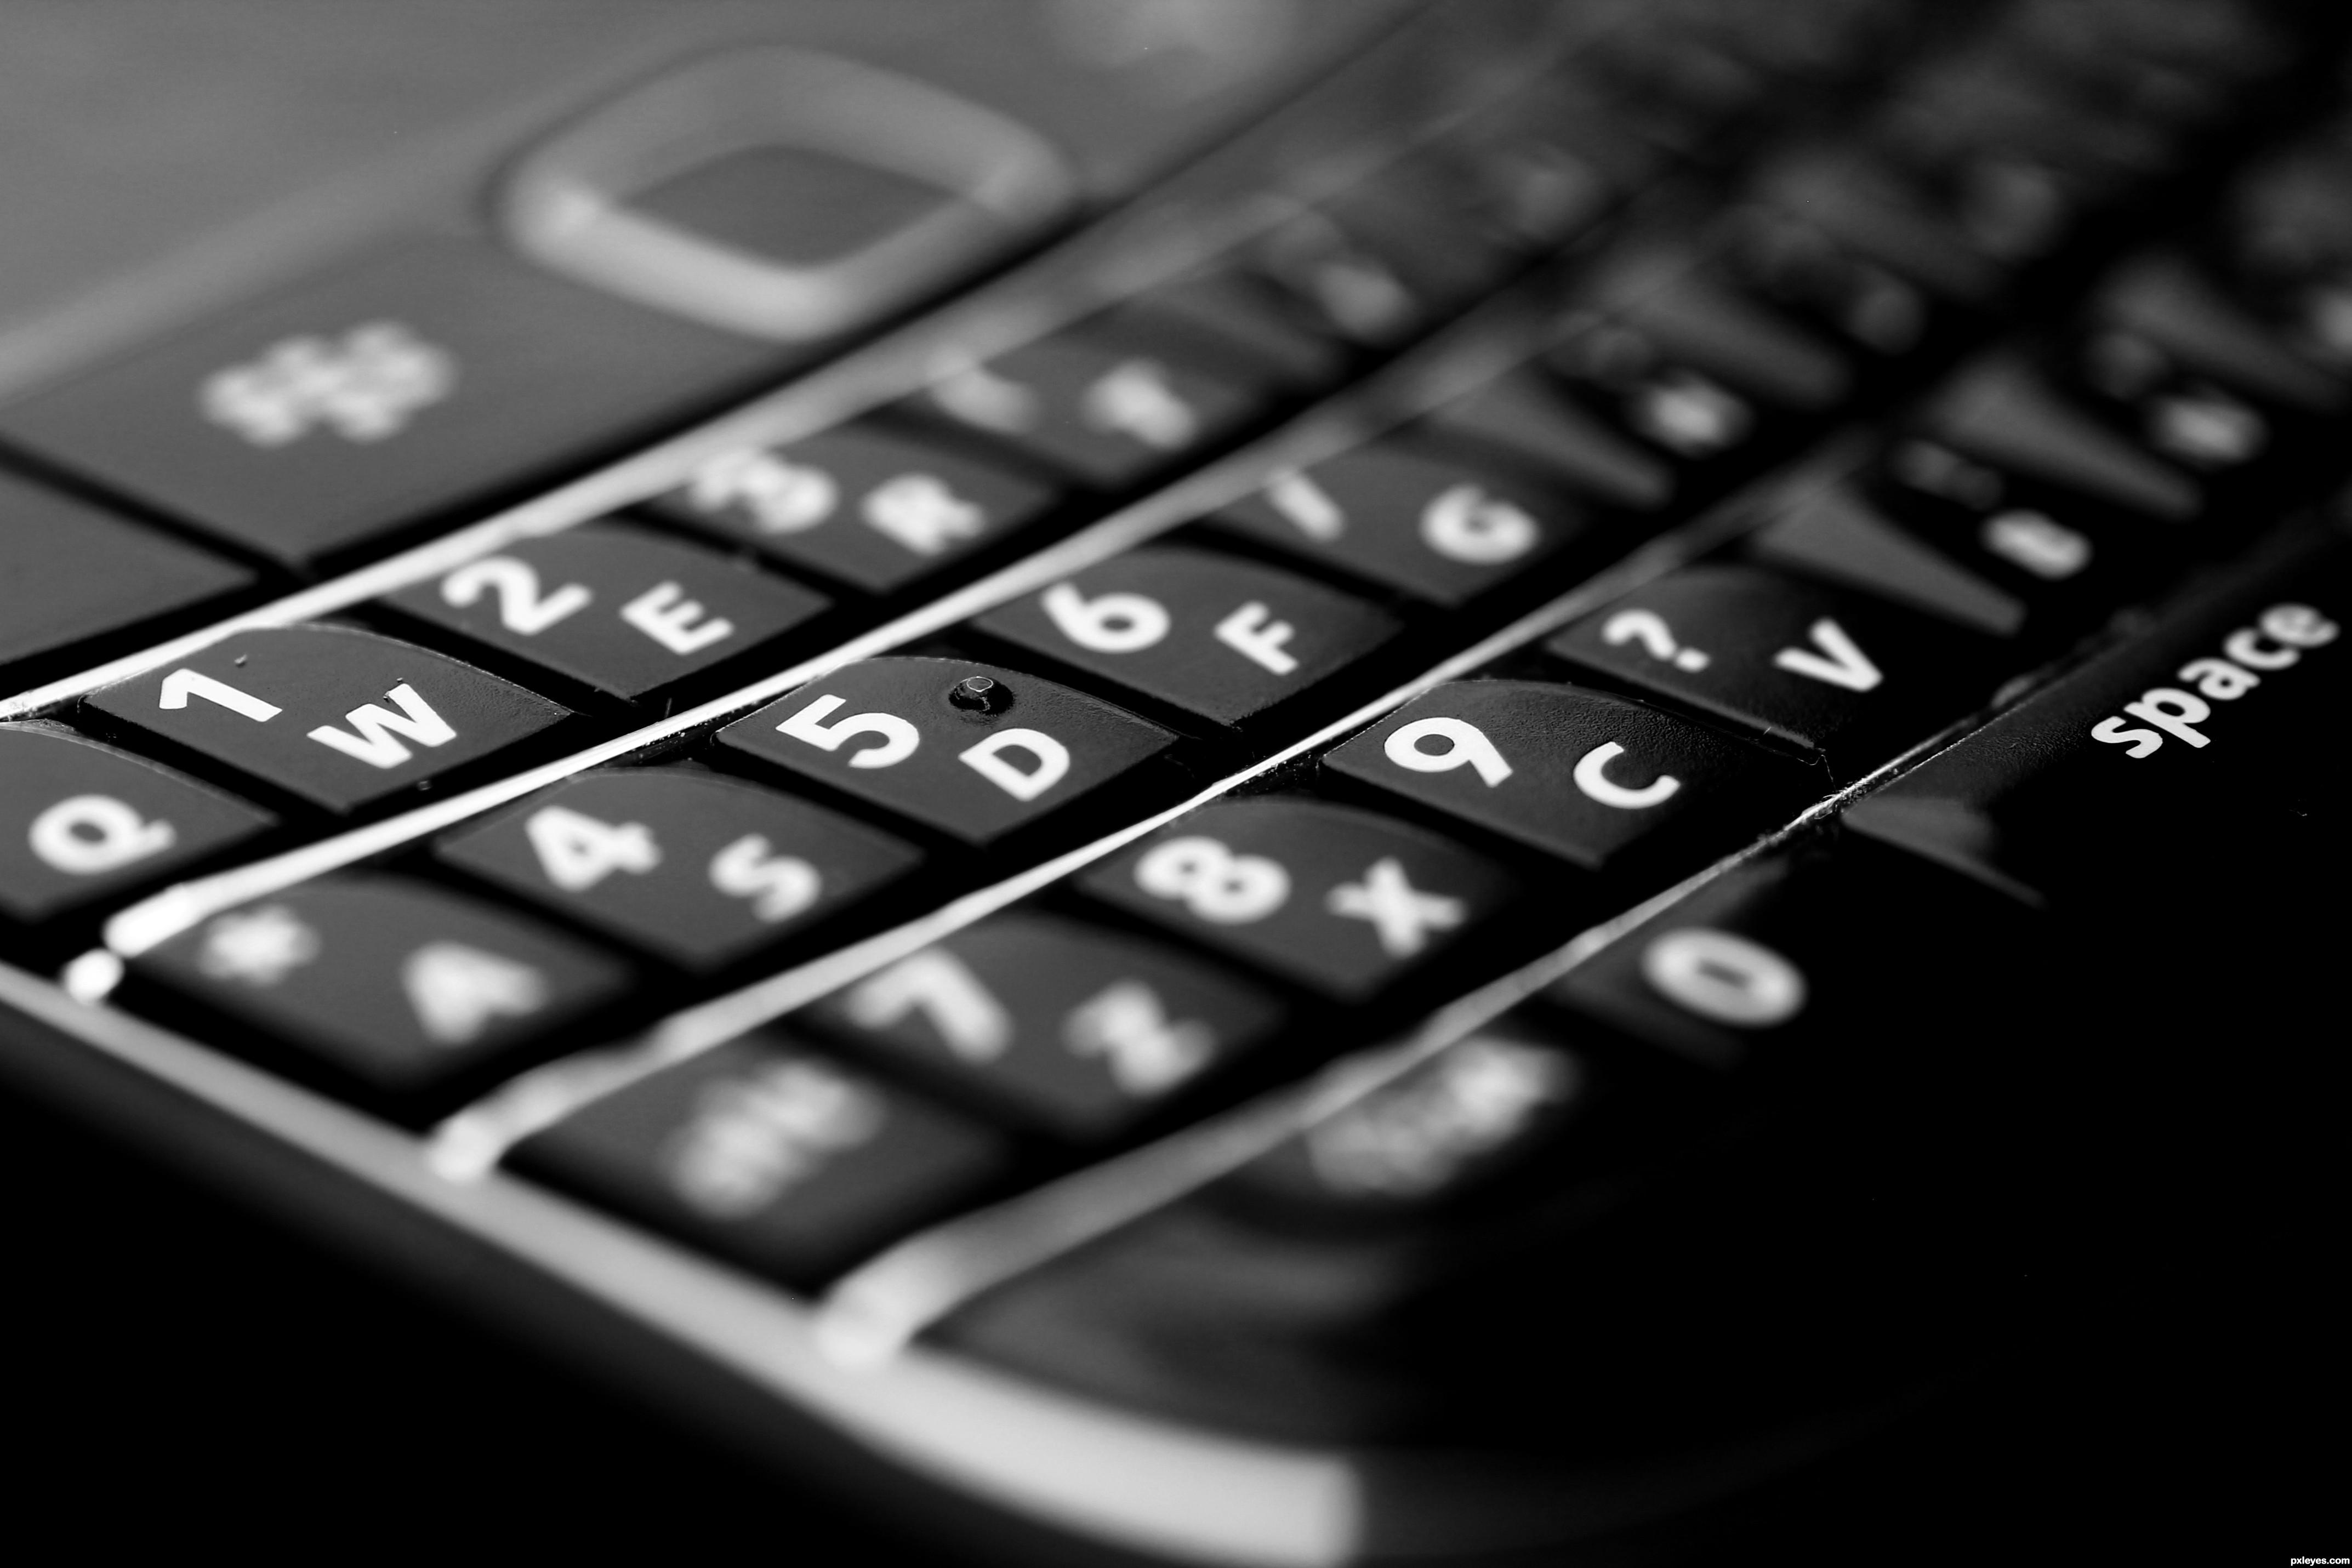 Blackberry-Keypad-4ea5522a1067c_hires